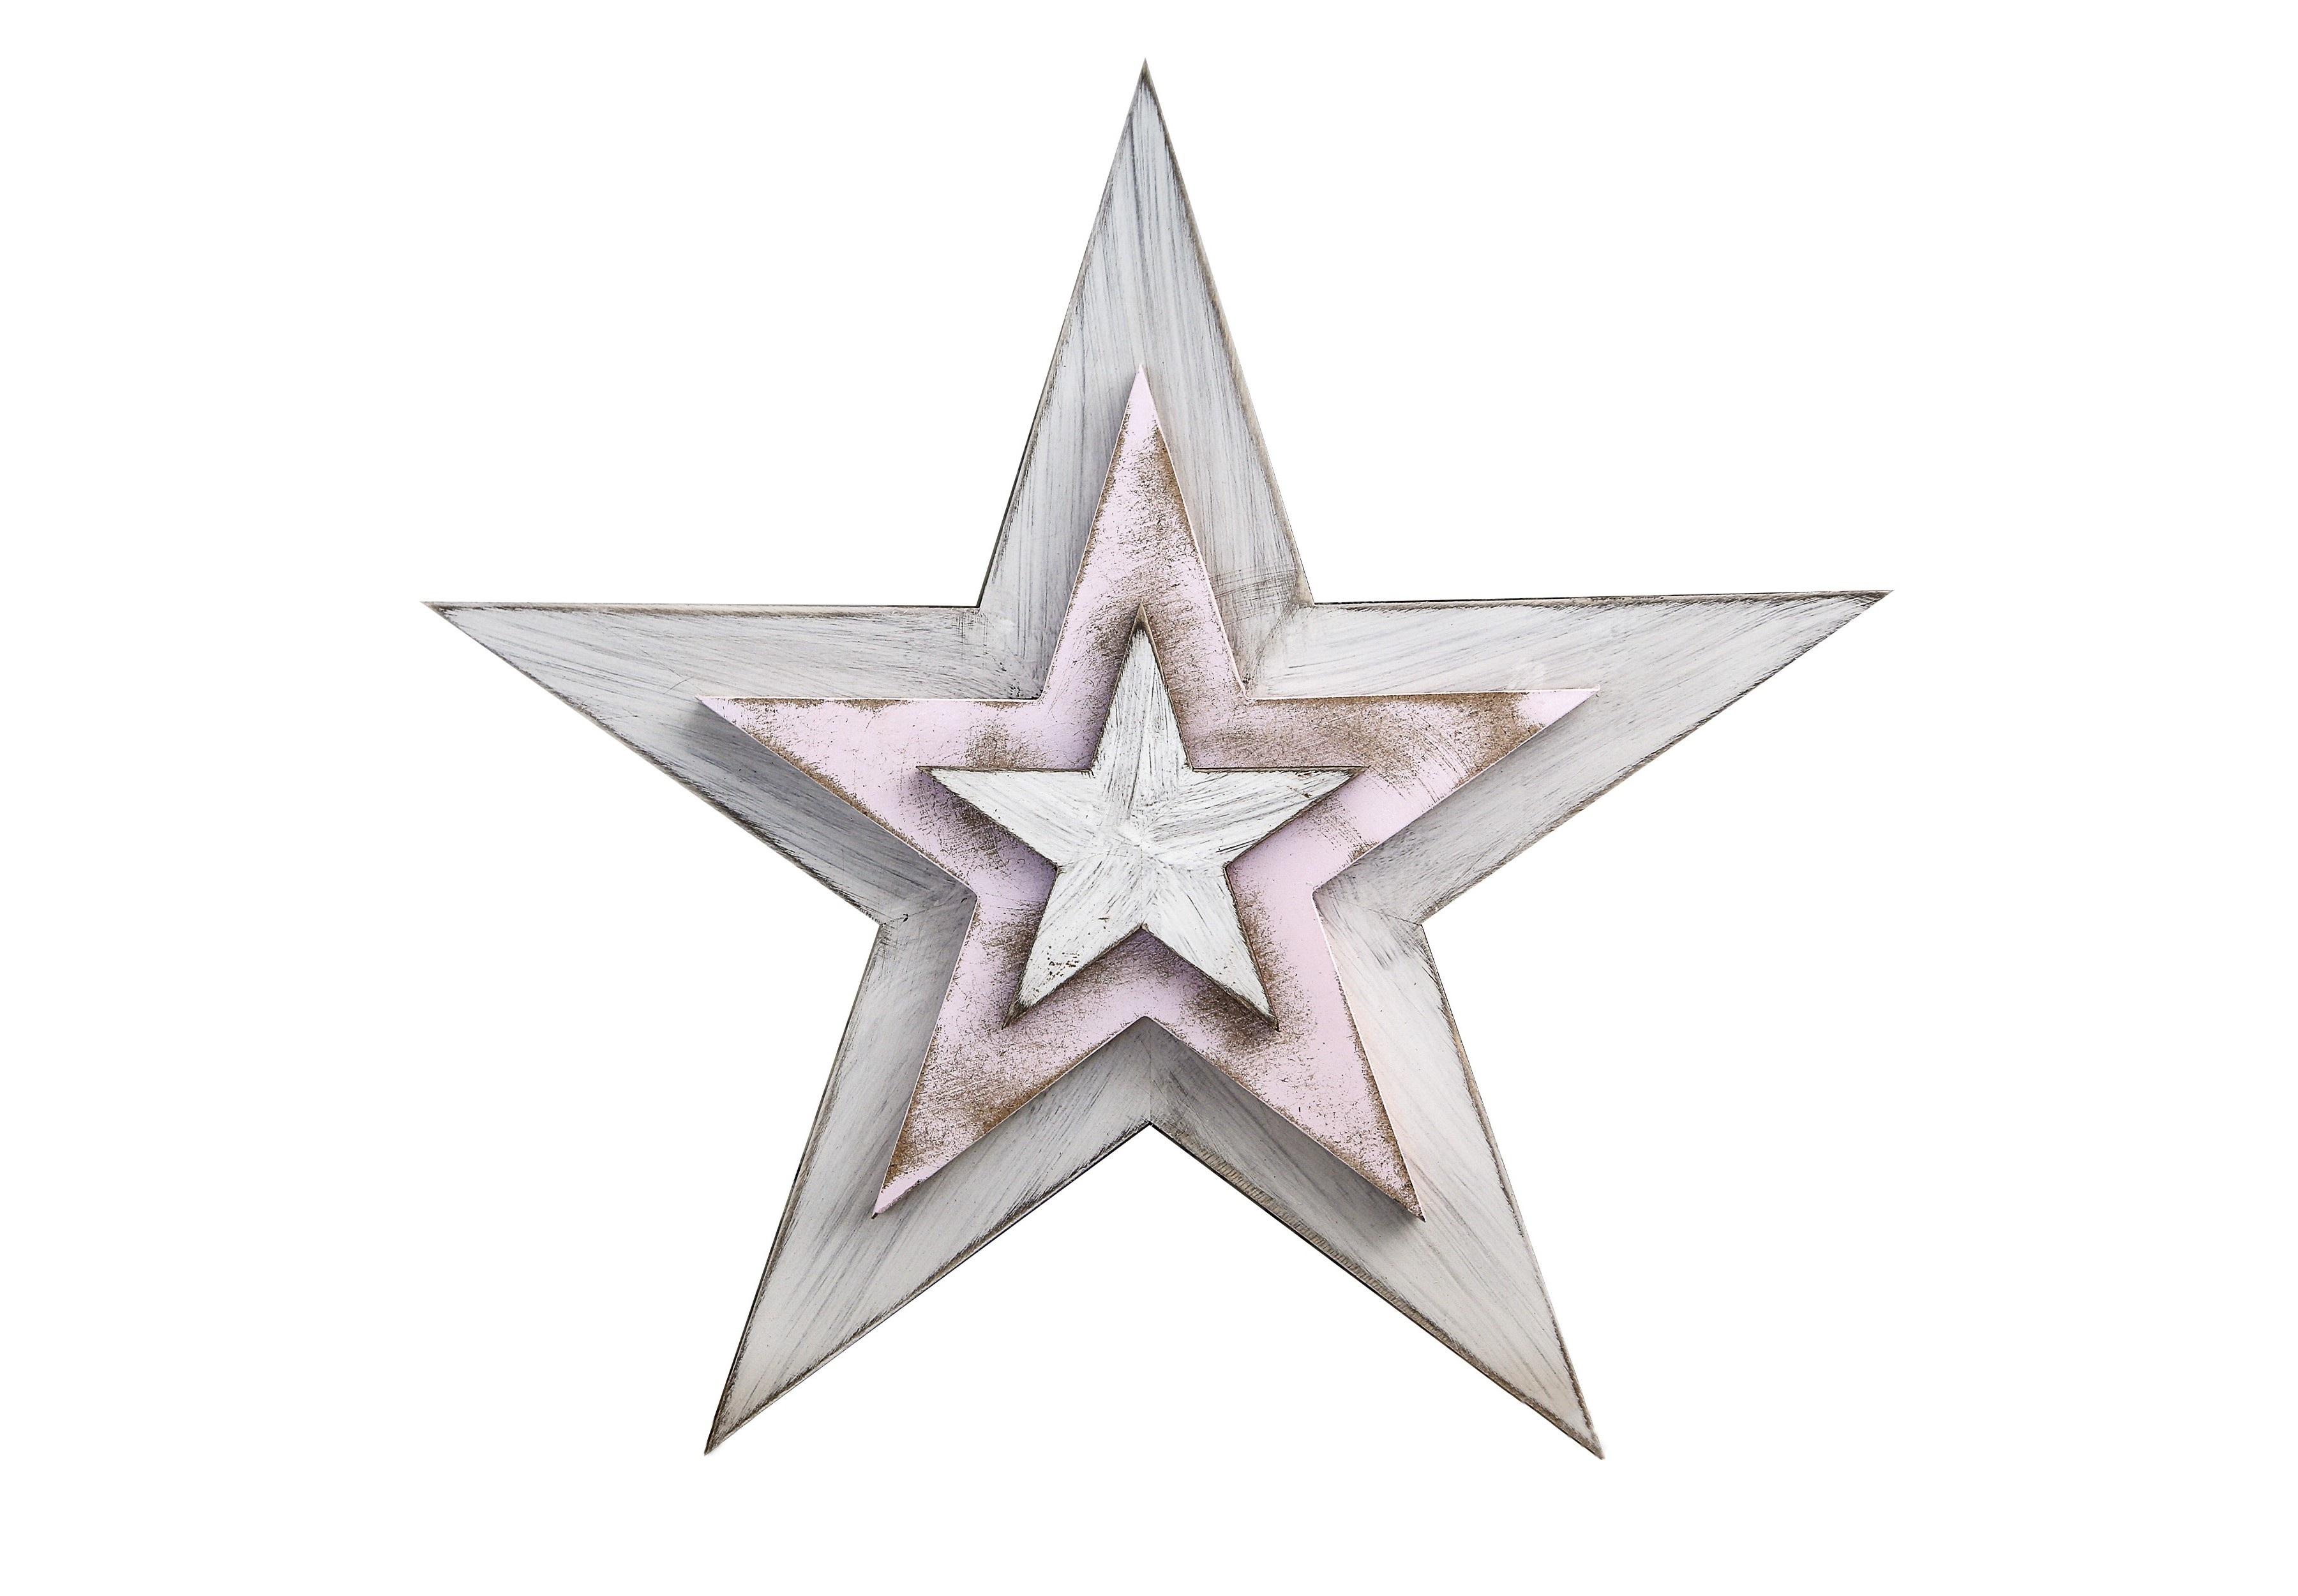 Панно настенное ЗвездаДругое<br>Декор настенный деревянный &amp;quot;Рождественская звезда&amp;quot; , цвет белый с розовым.&amp;lt;div&amp;gt;Материал: многослойная фанера хвойных пород дерева.&amp;lt;br&amp;gt;&amp;lt;/div&amp;gt;<br><br>Material: Дерево<br>Ширина см: 48.0<br>Высота см: 48.0<br>Глубина см: 3.5